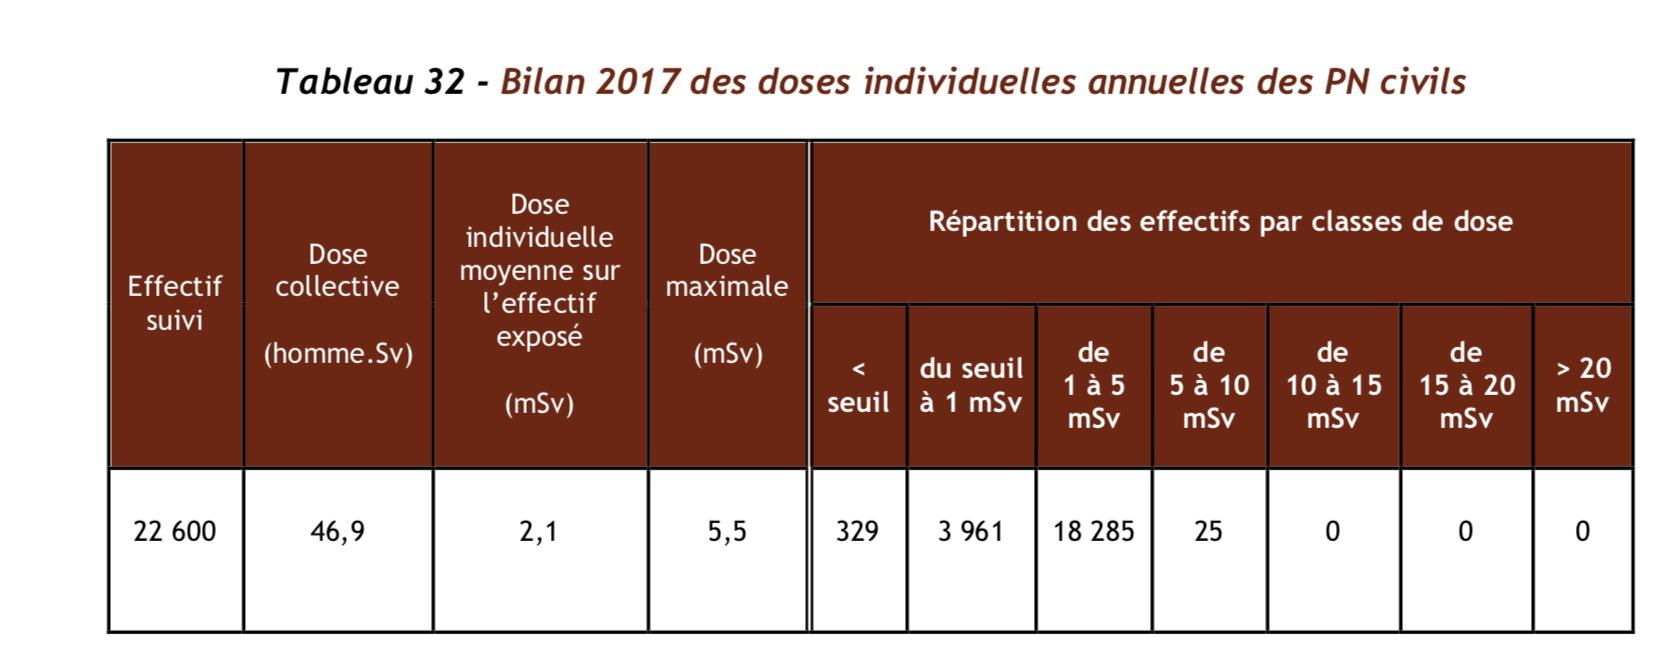 Nucléaire en France, des news ... - Page 4 Captur37